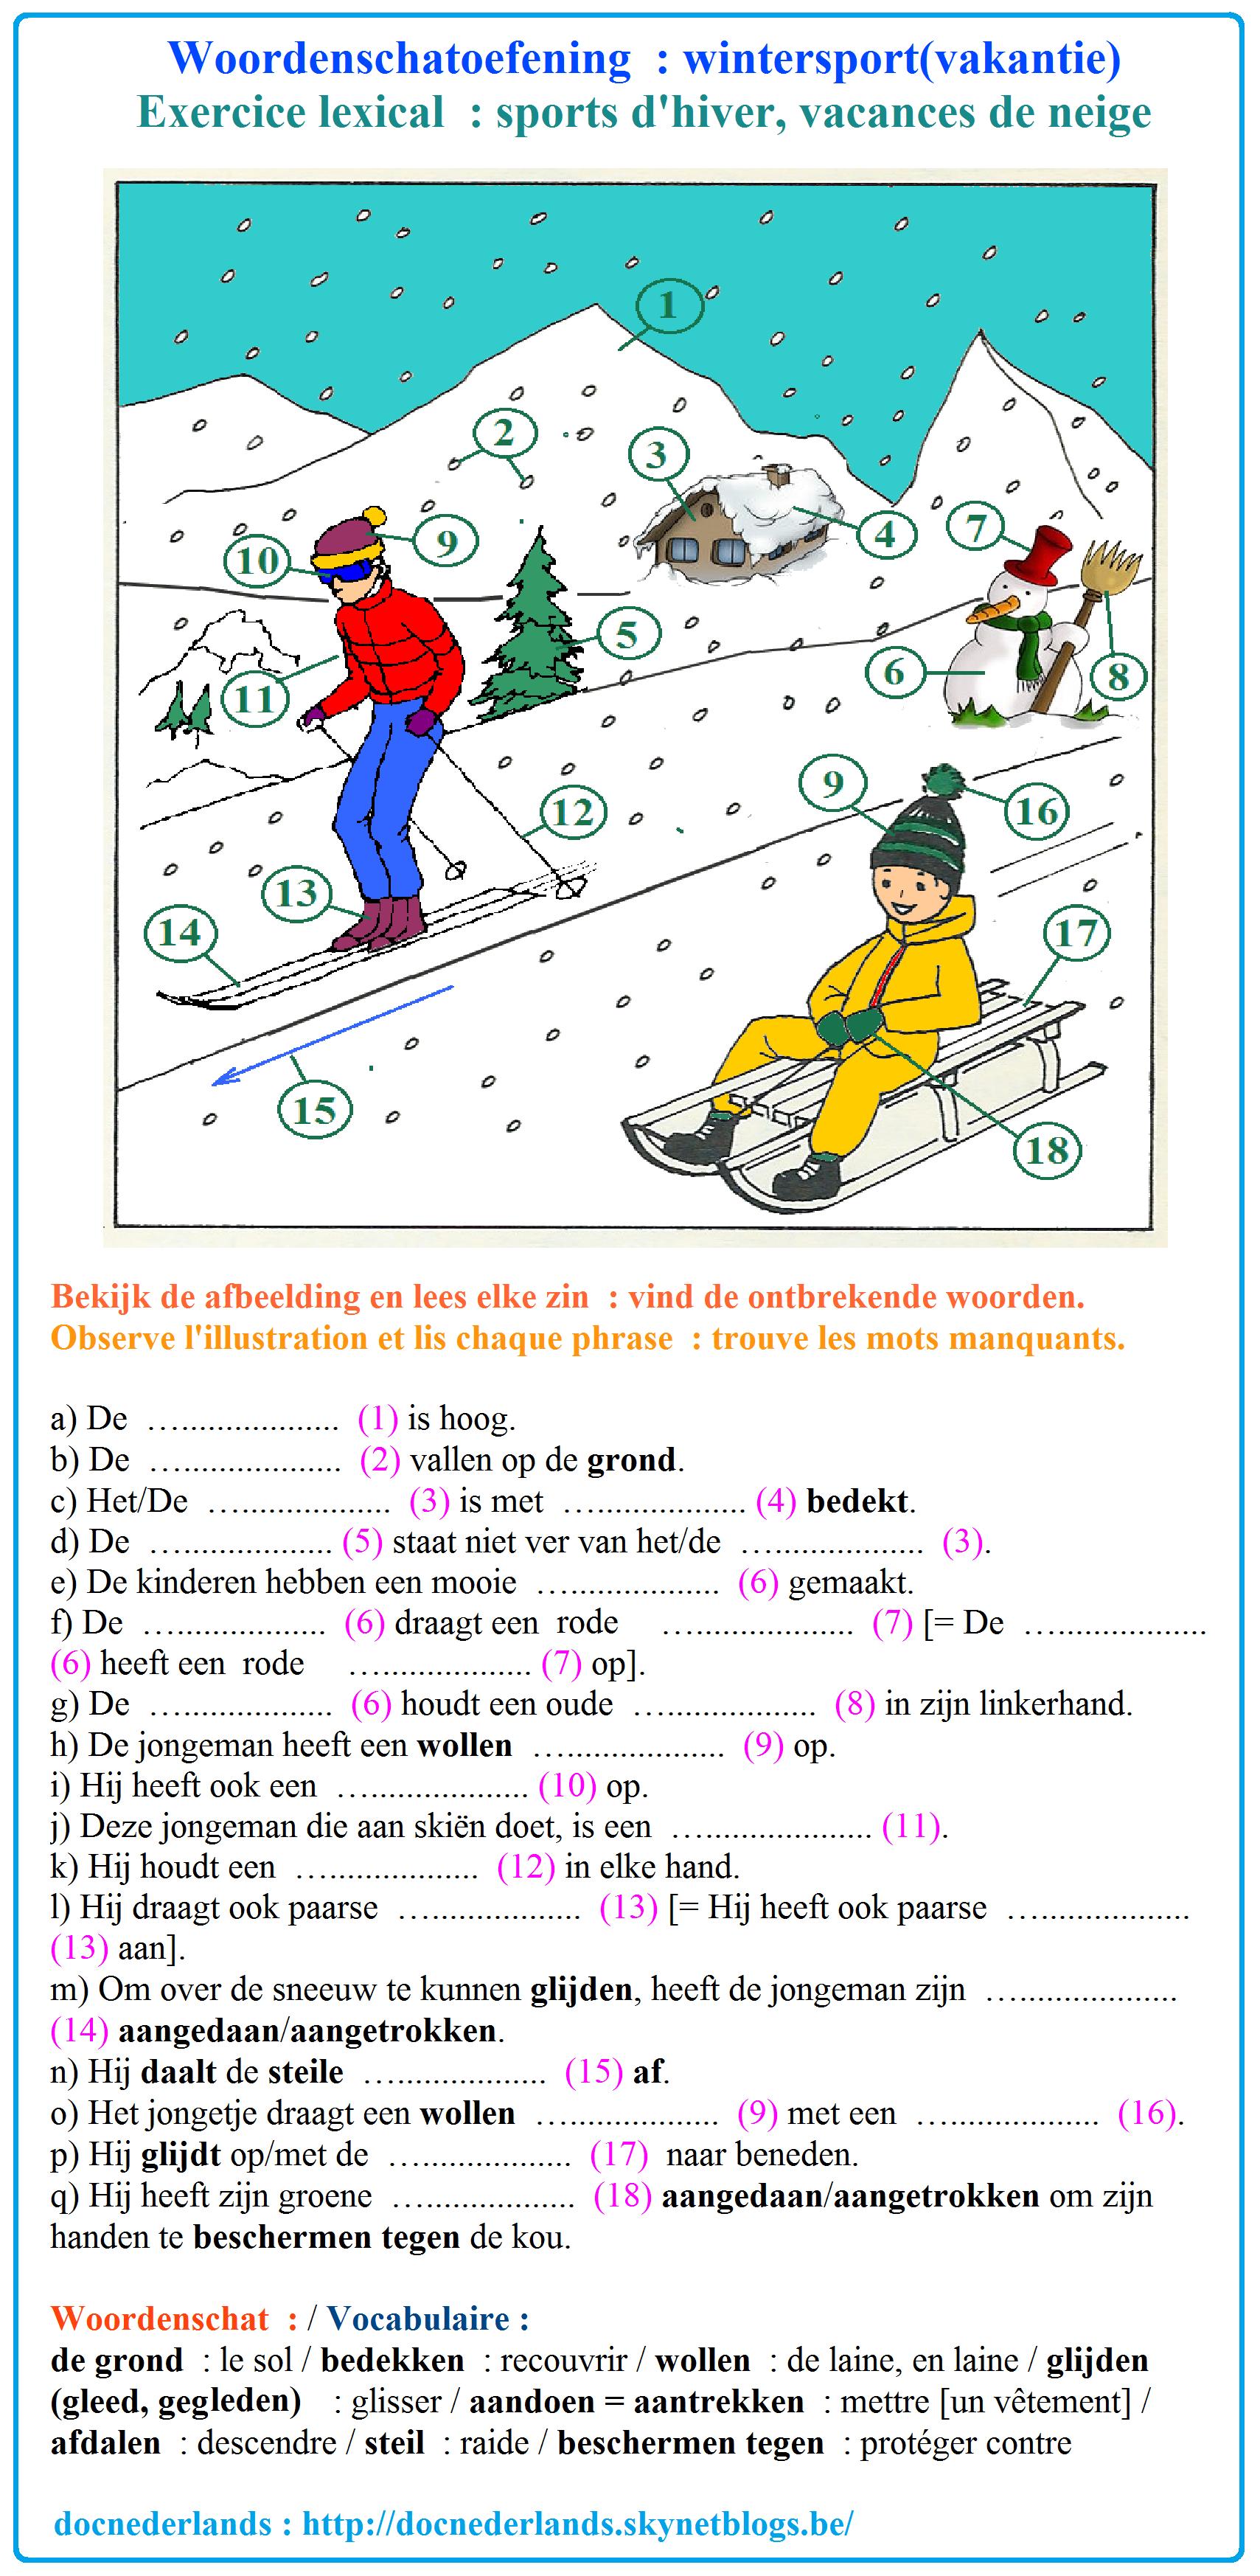 fete du travail traduction neerlandais